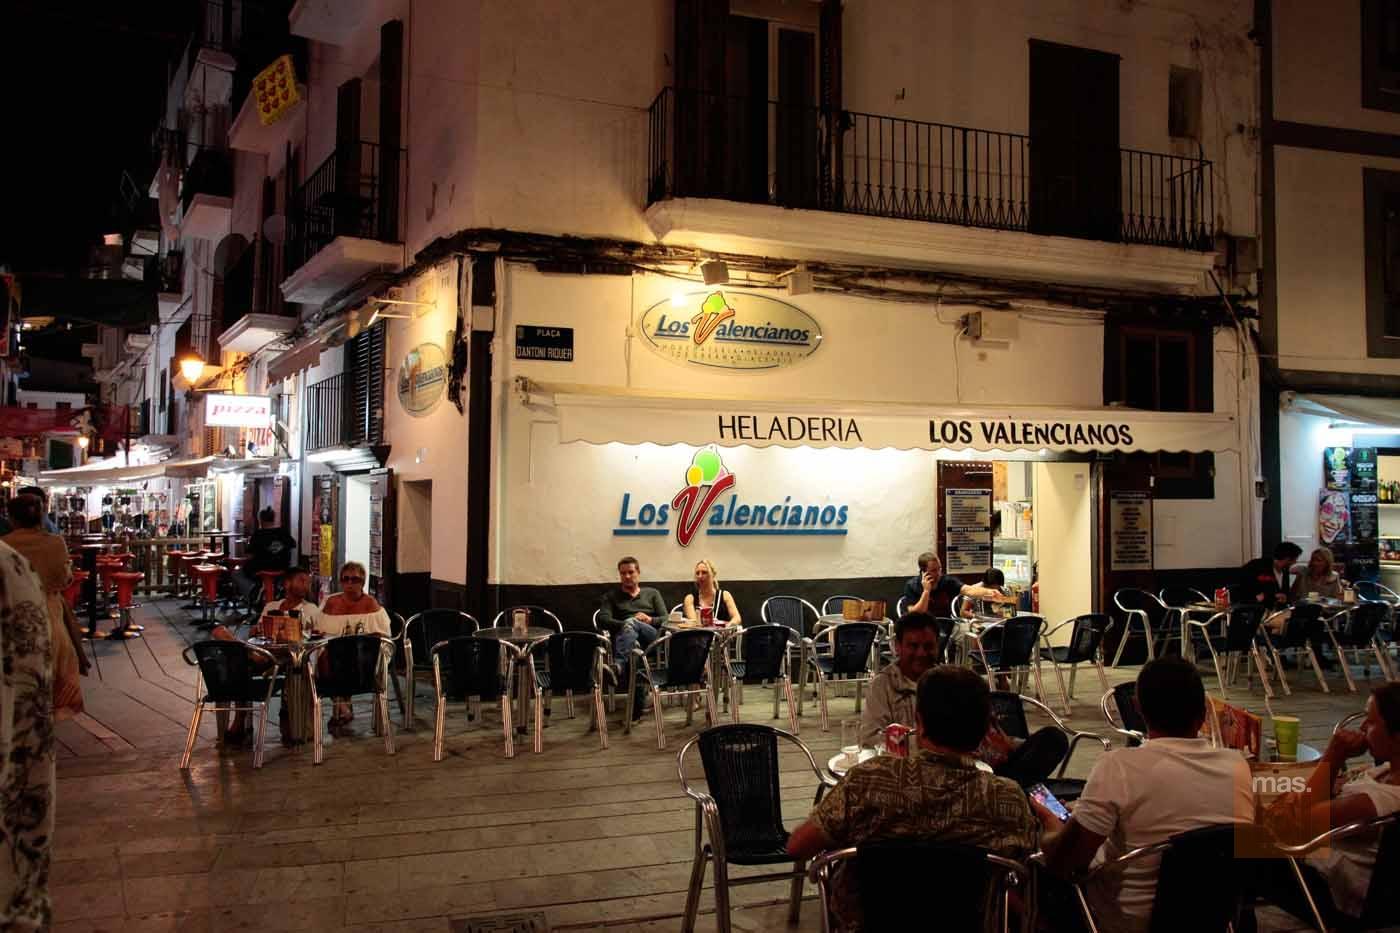 Heladería Los valencianos. Helados artesanales con el sello de calidad de Ibiza